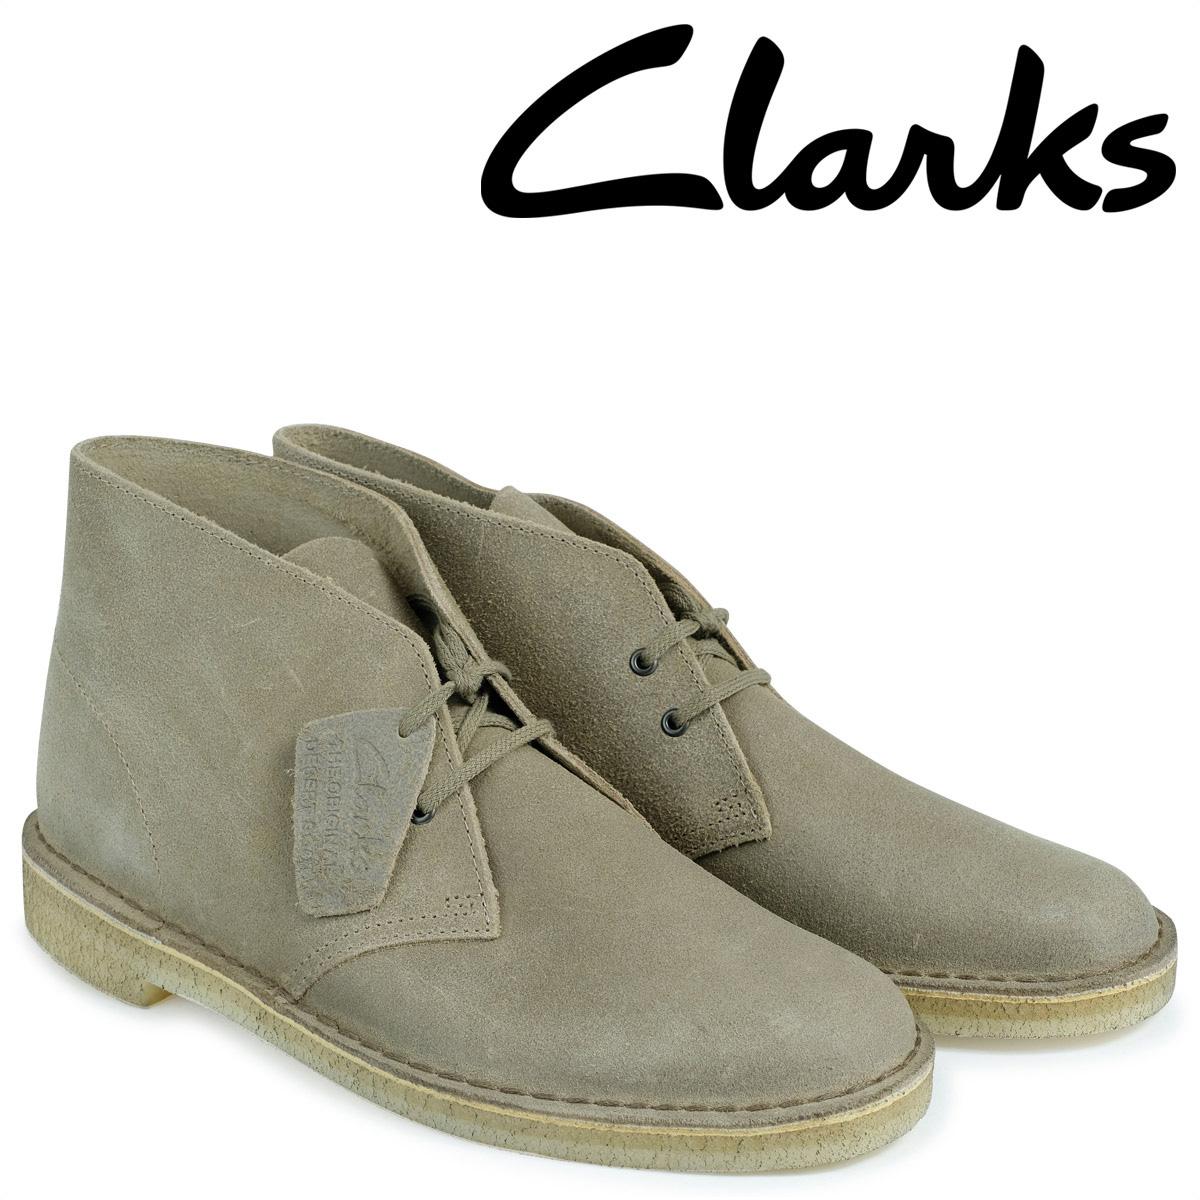 【最大2000円OFFクーポン】 クラークス デザートブーツ メンズ Clarks DESERT BOOT 26110054 レザー トープ